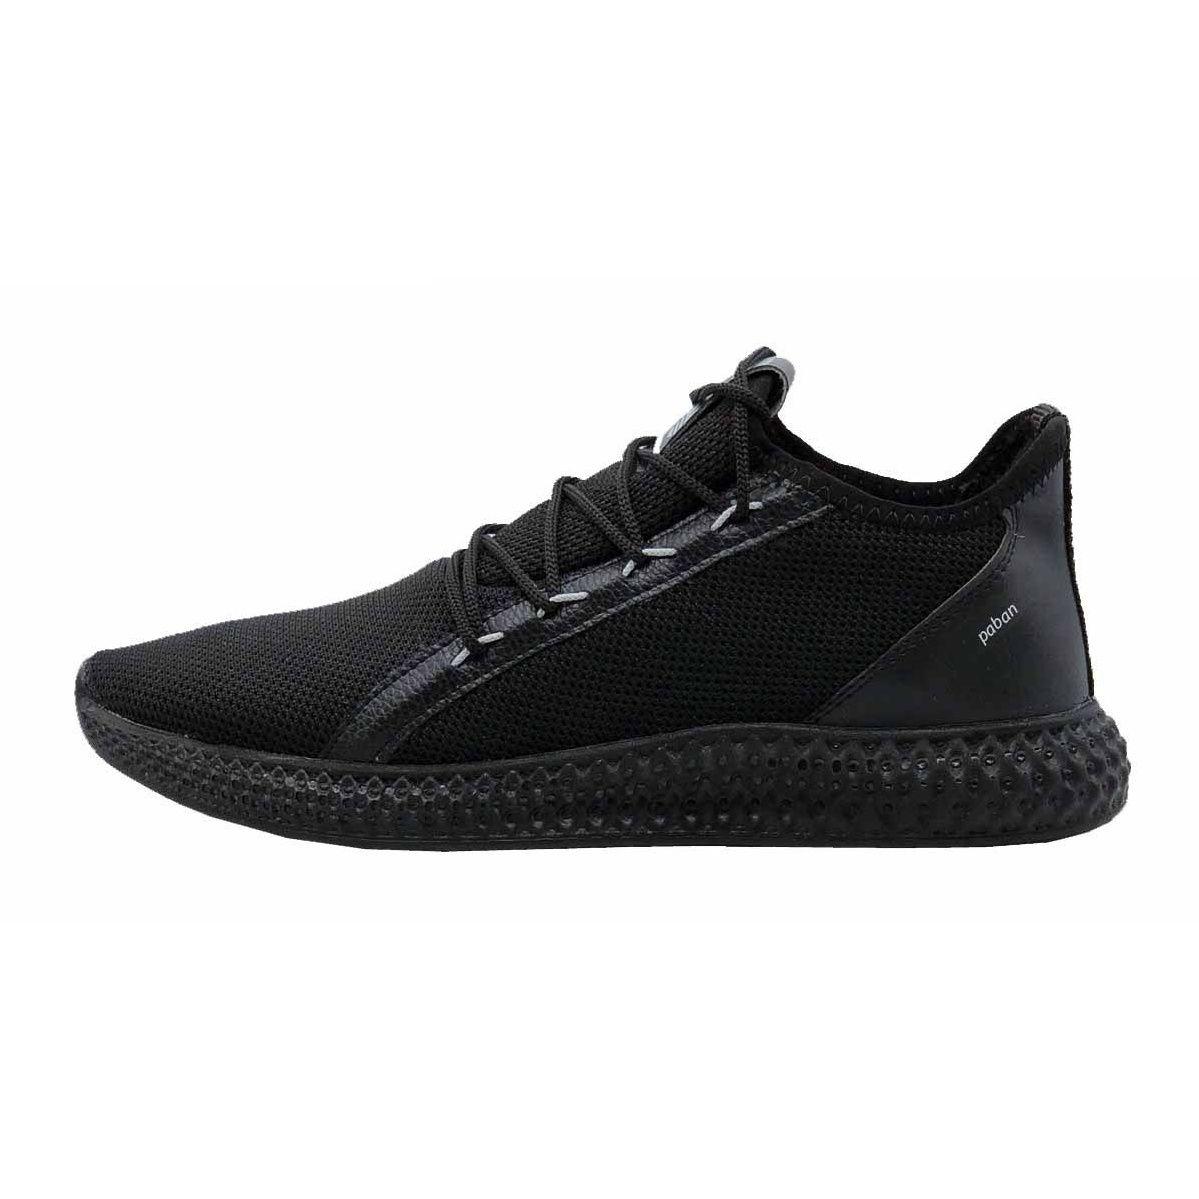 کفش مخصوص پیاده روی مردانه کد 9610 main 1 1